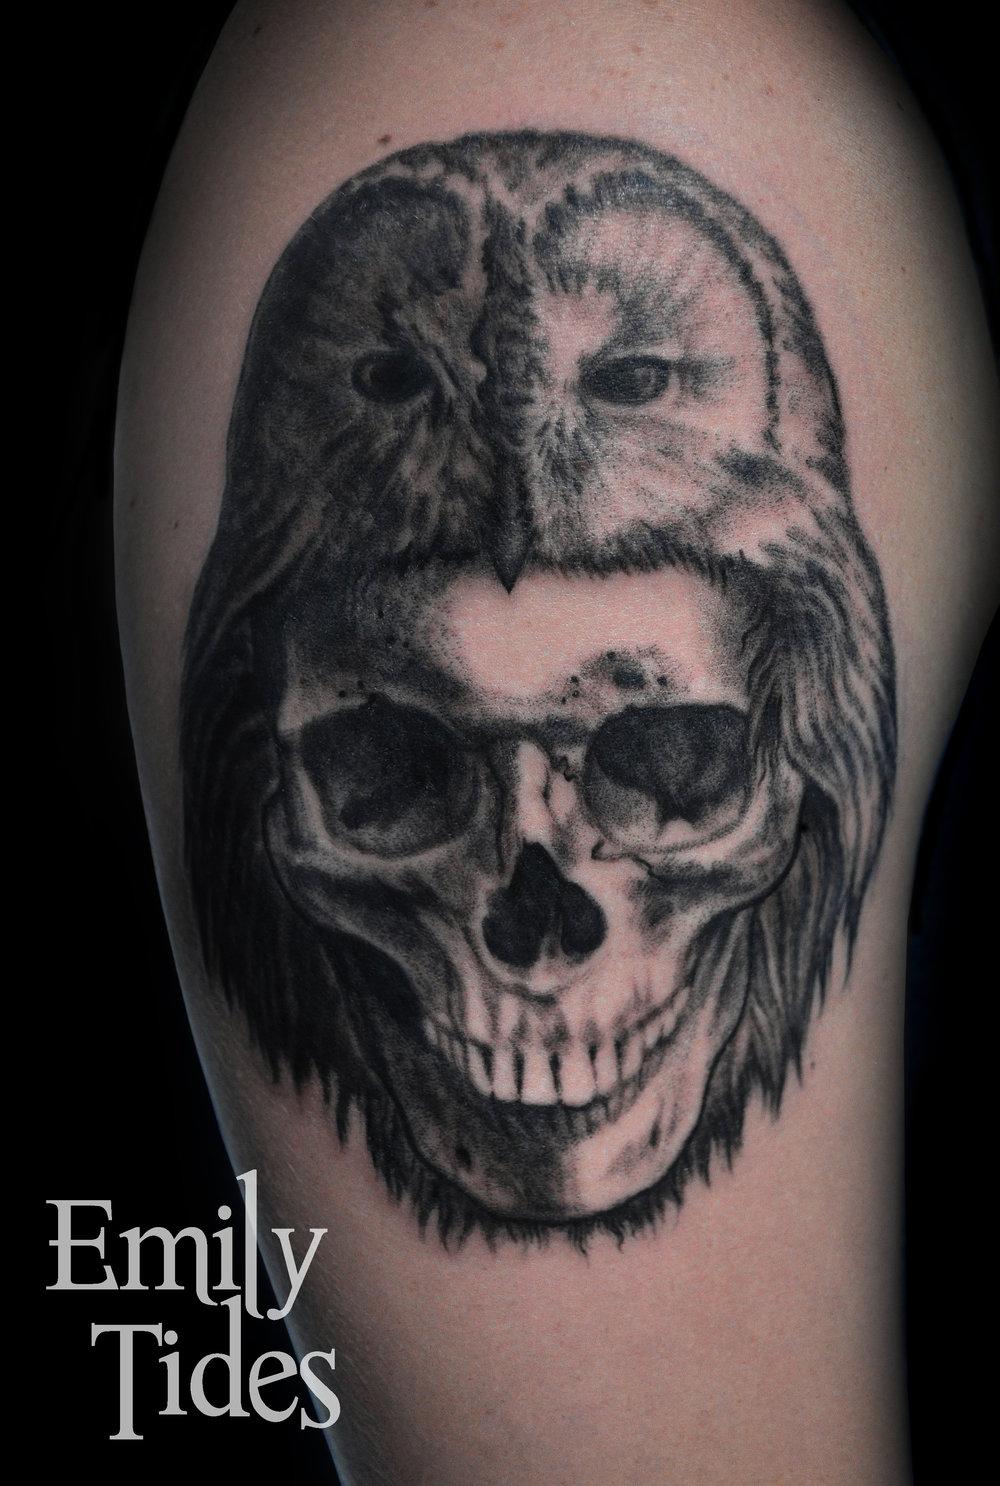 Owl Skull Tattoo  emily tides.jpg